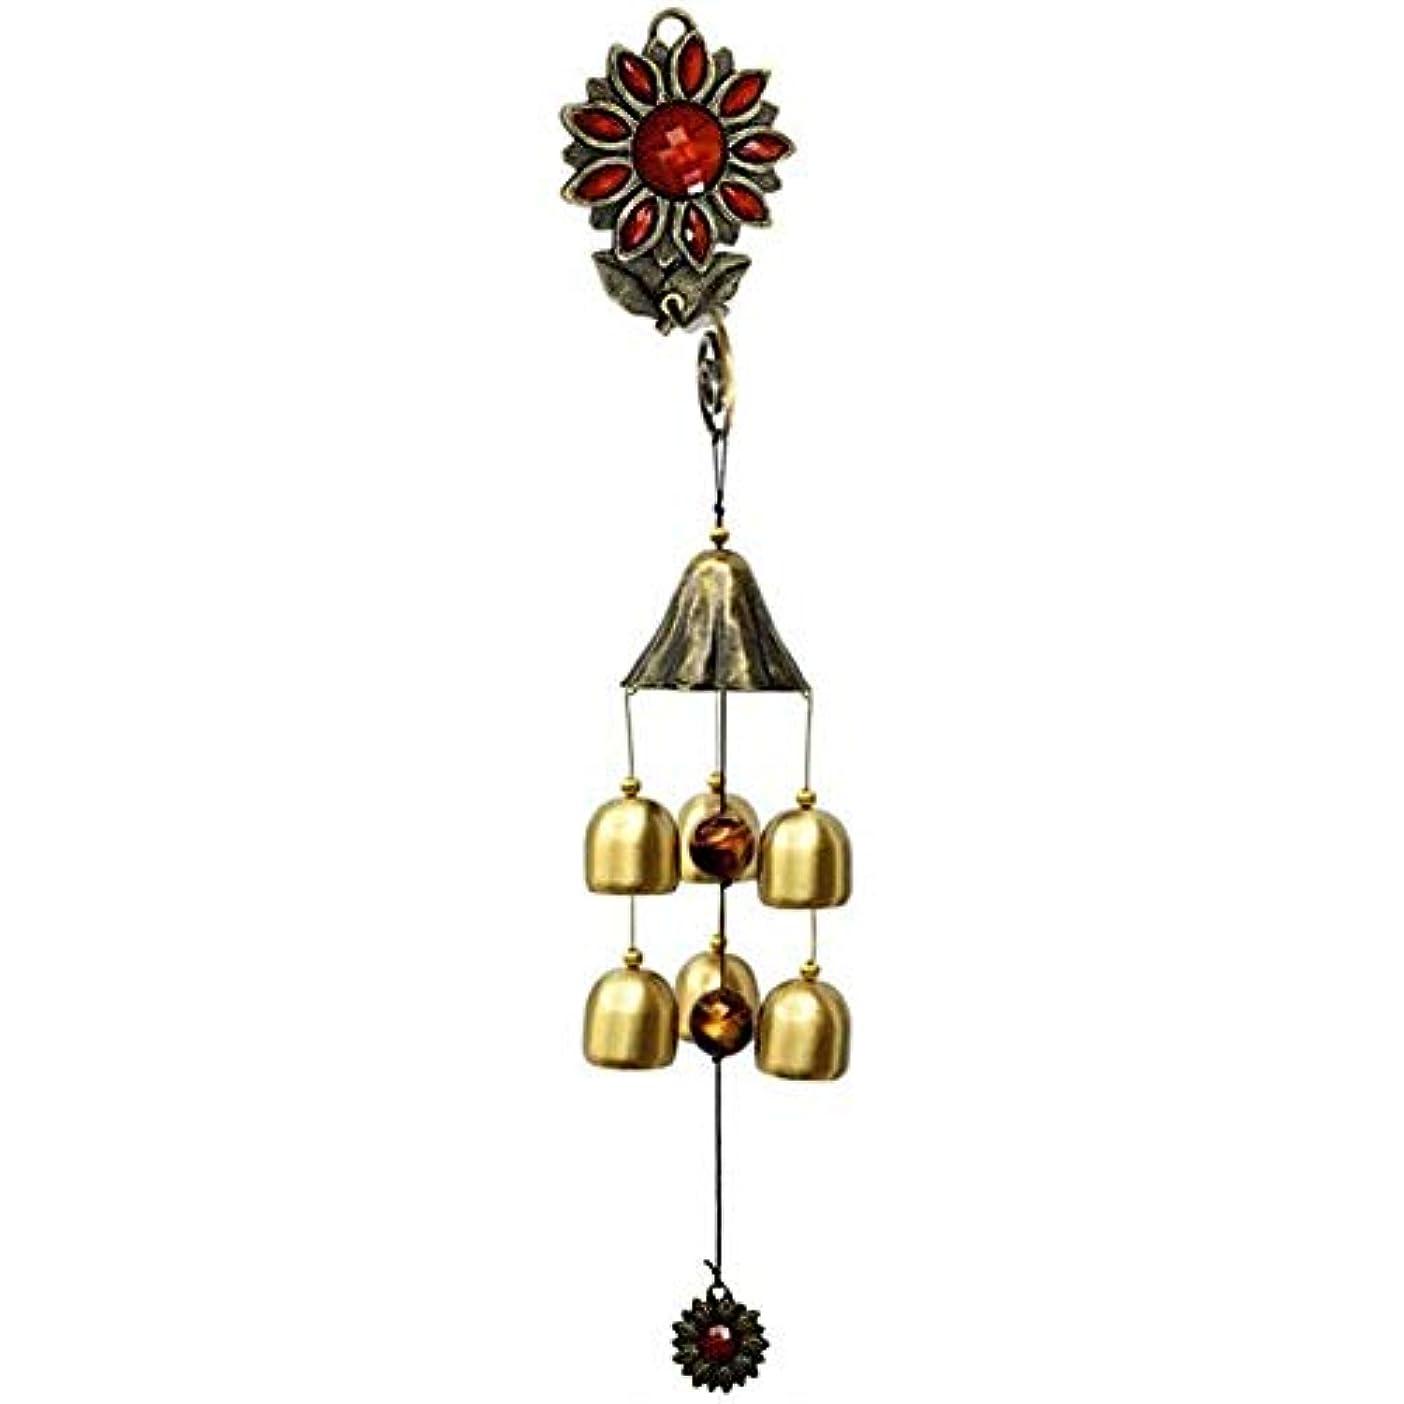 光のスキル砂利Jielongtongxun 風チャイム、ガーデンメタルクリエイティブひまわり風の鐘、グリーン、全長約35CM,絶妙な飾り (Color : Red)